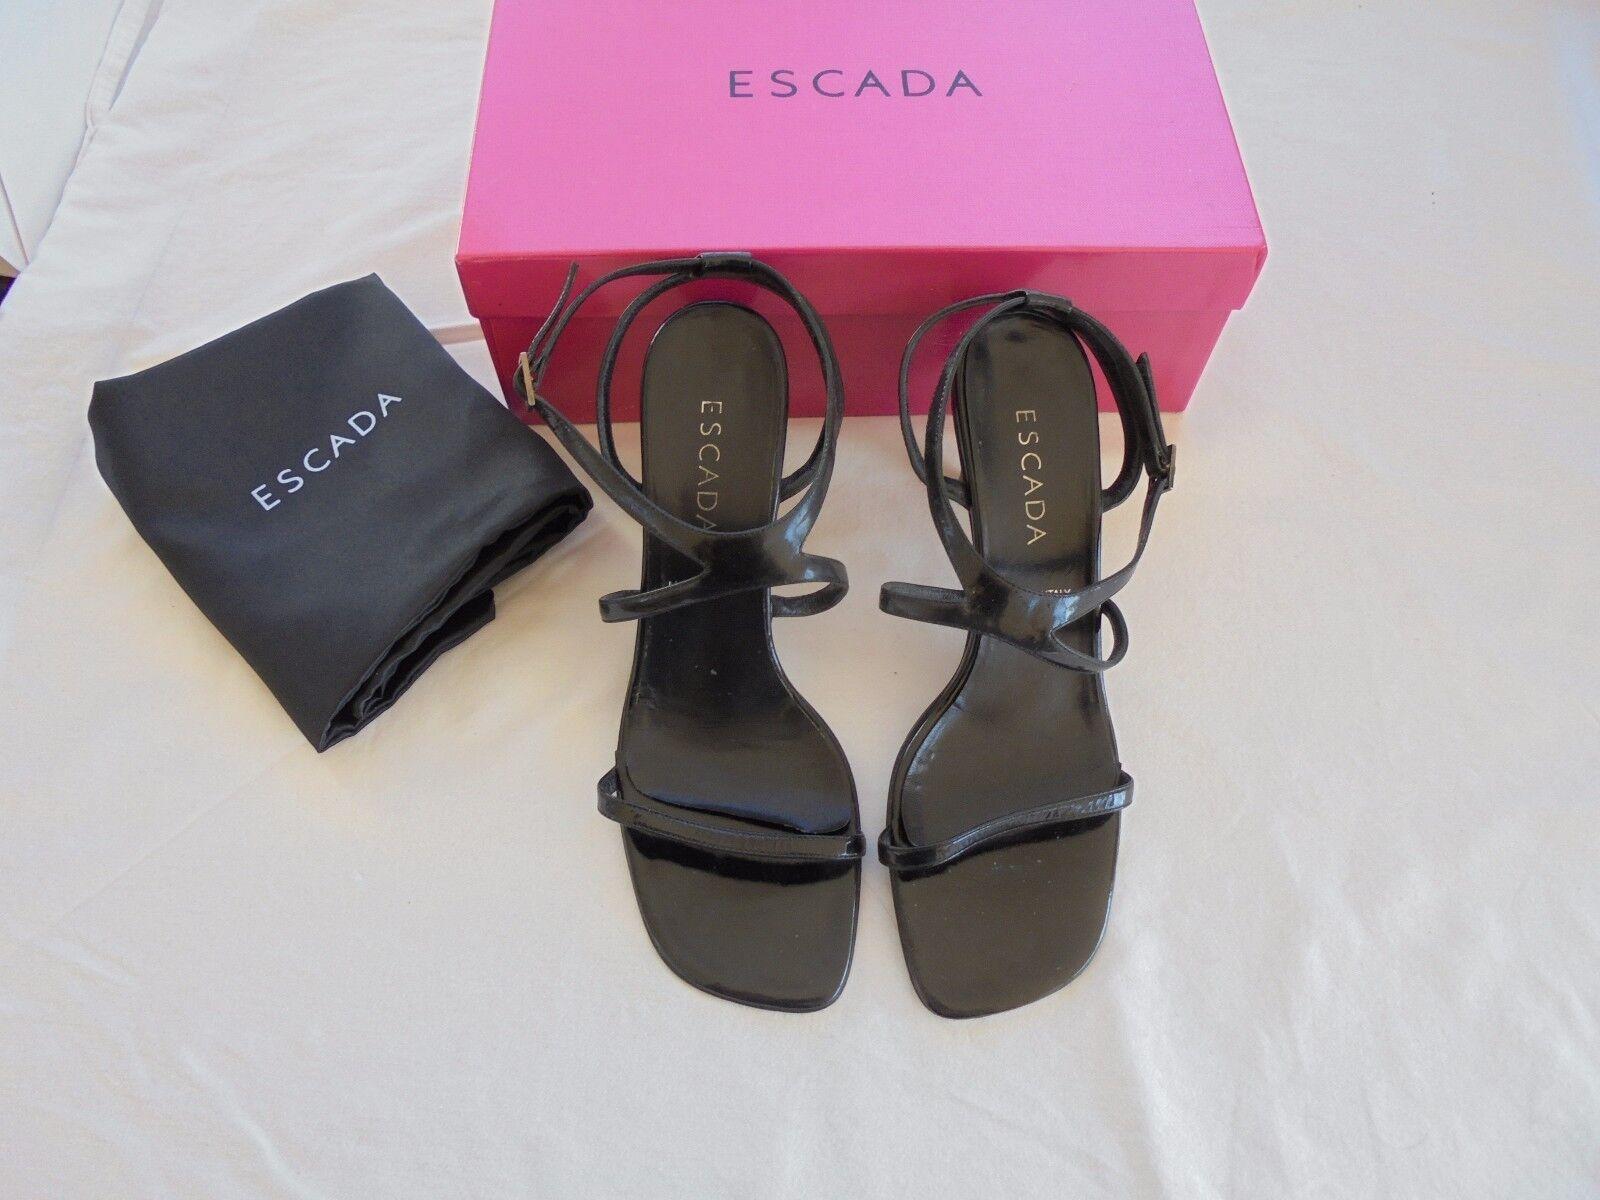 ESCADA Lackleder Sandaletten NP:  TOP Gr High Heels Schuhe Tasche Gr TOP 39 39,5 40 de0996